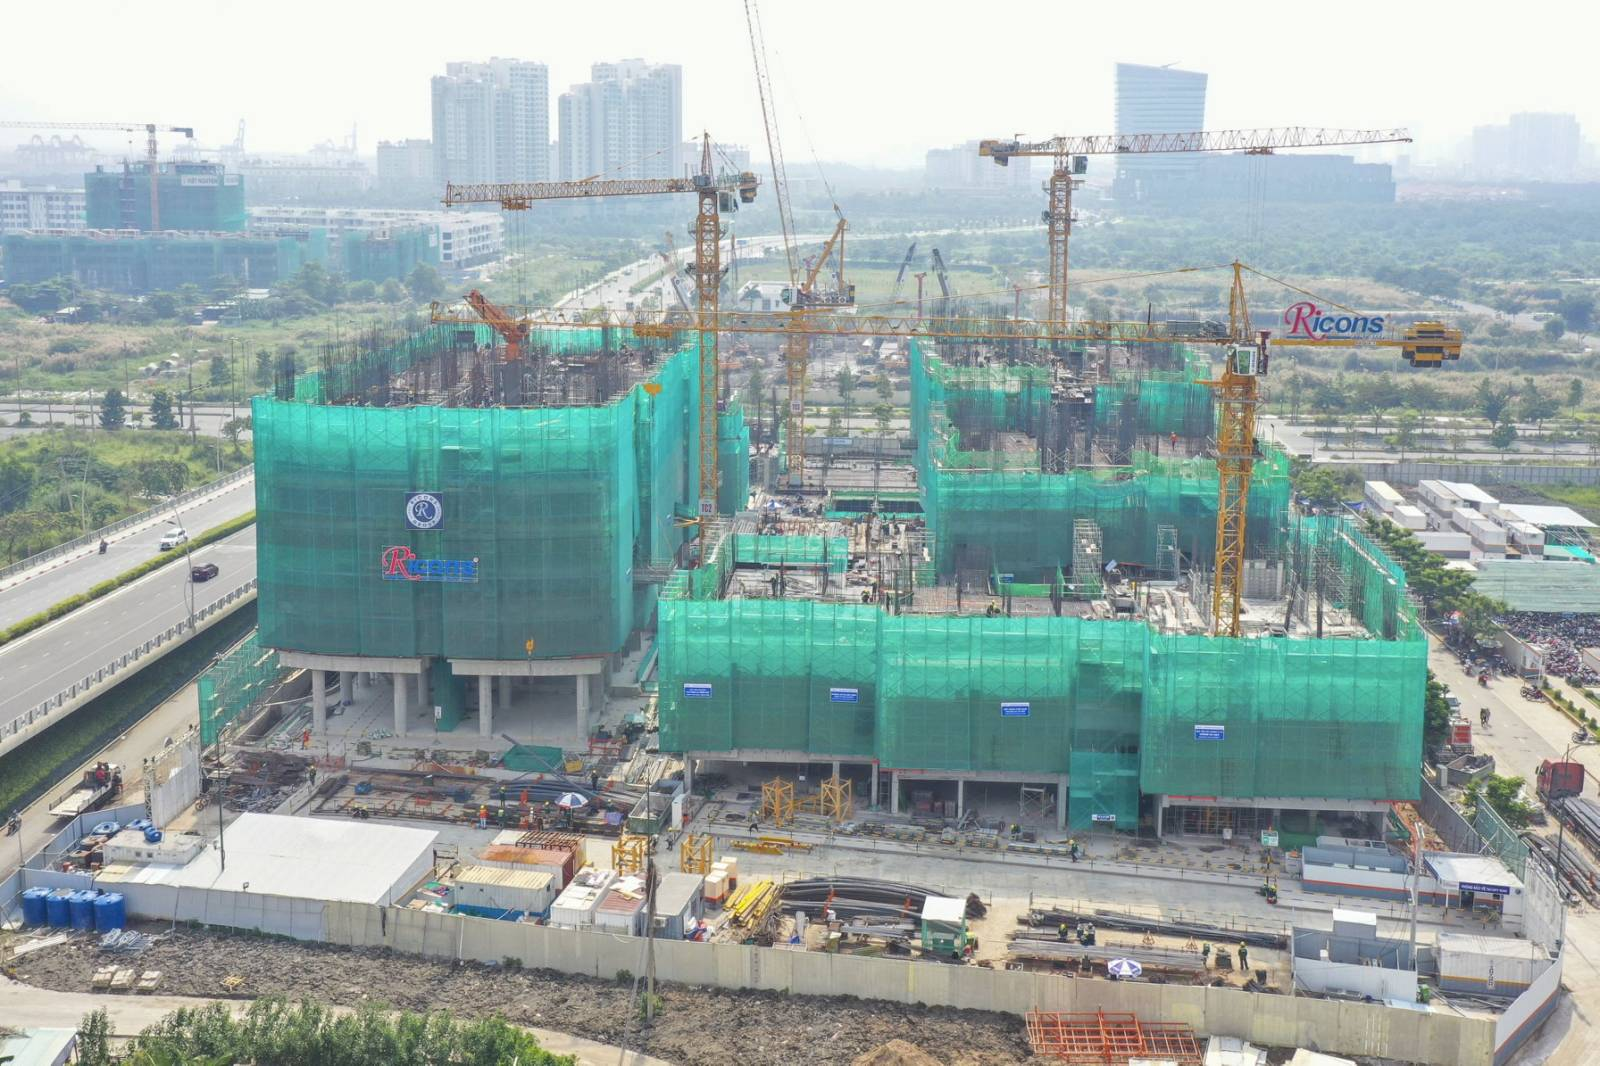 tiến độ xây dựng the river thu thiem Quận 2 tháng 12